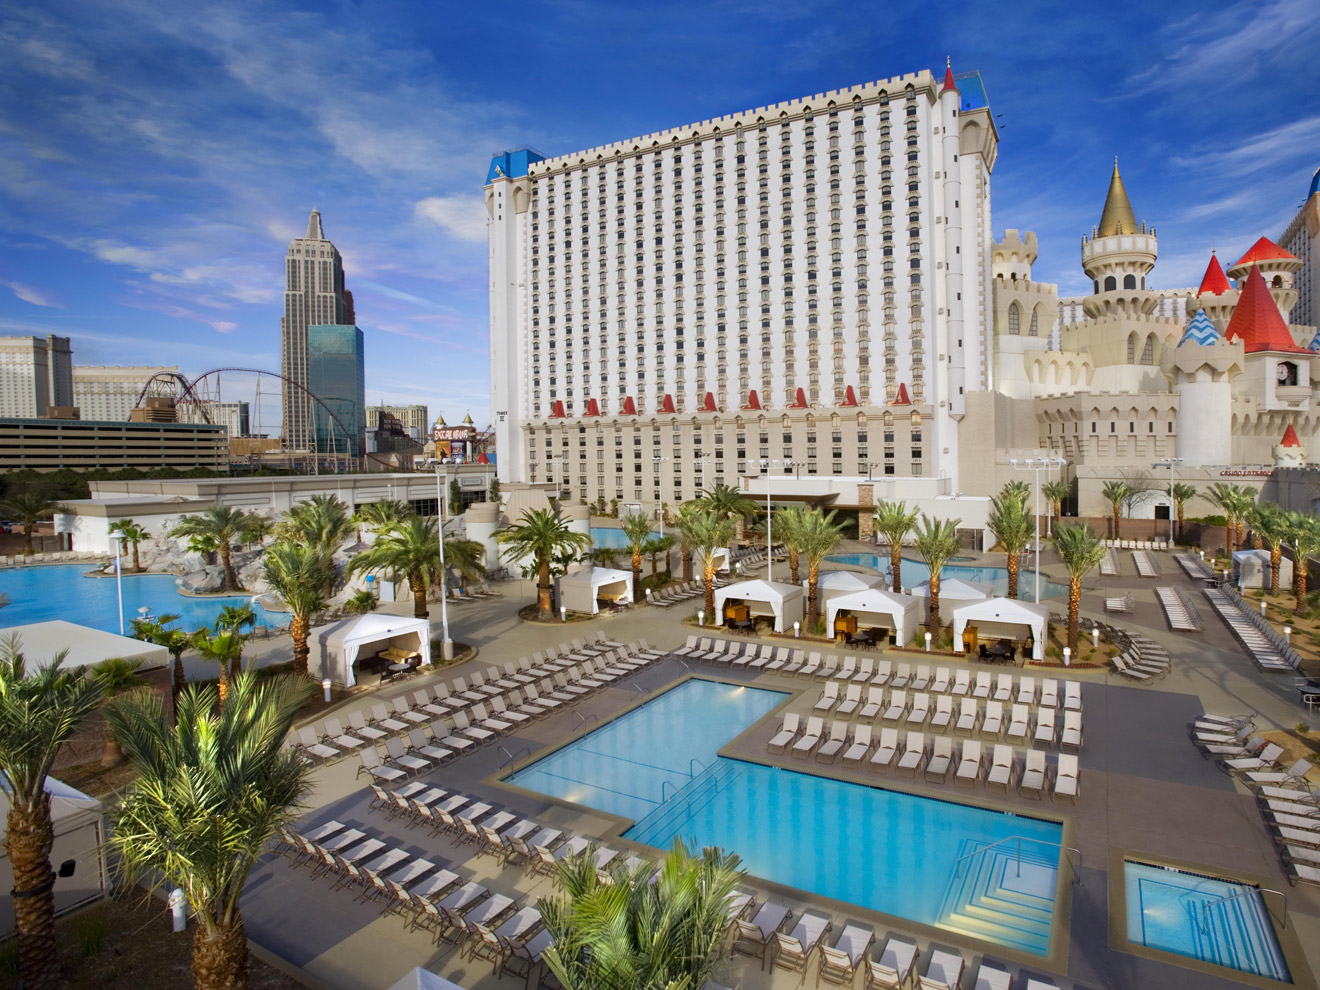 Pools Of The Excalibur Hotel Las Vegas